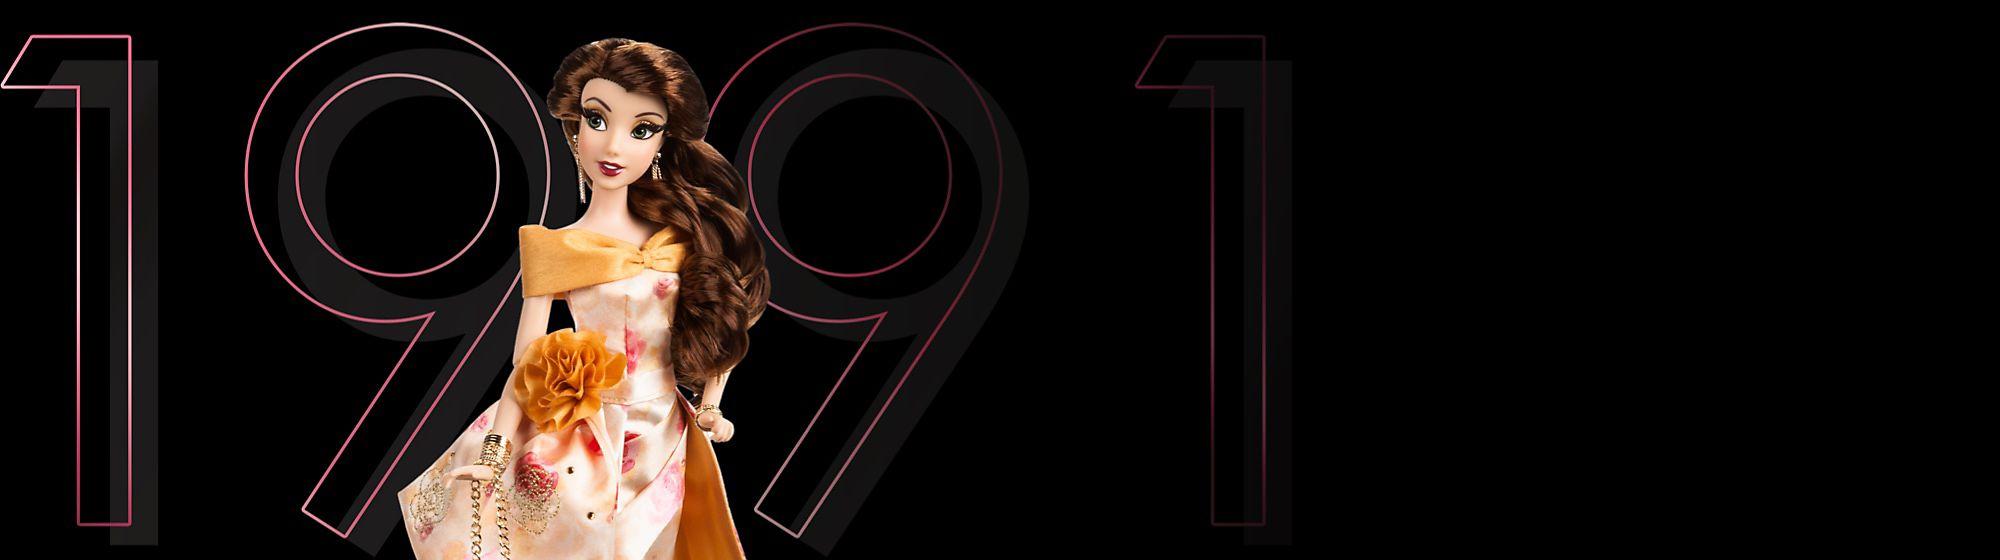 Collection Disney Designer Premiere Series Belle Sortie le 13 novembre | €110  4 500 exemplaires dans le monde  En ligne et dans une sélection de boutiques | Achat limité à 1 exemplaire par foyer